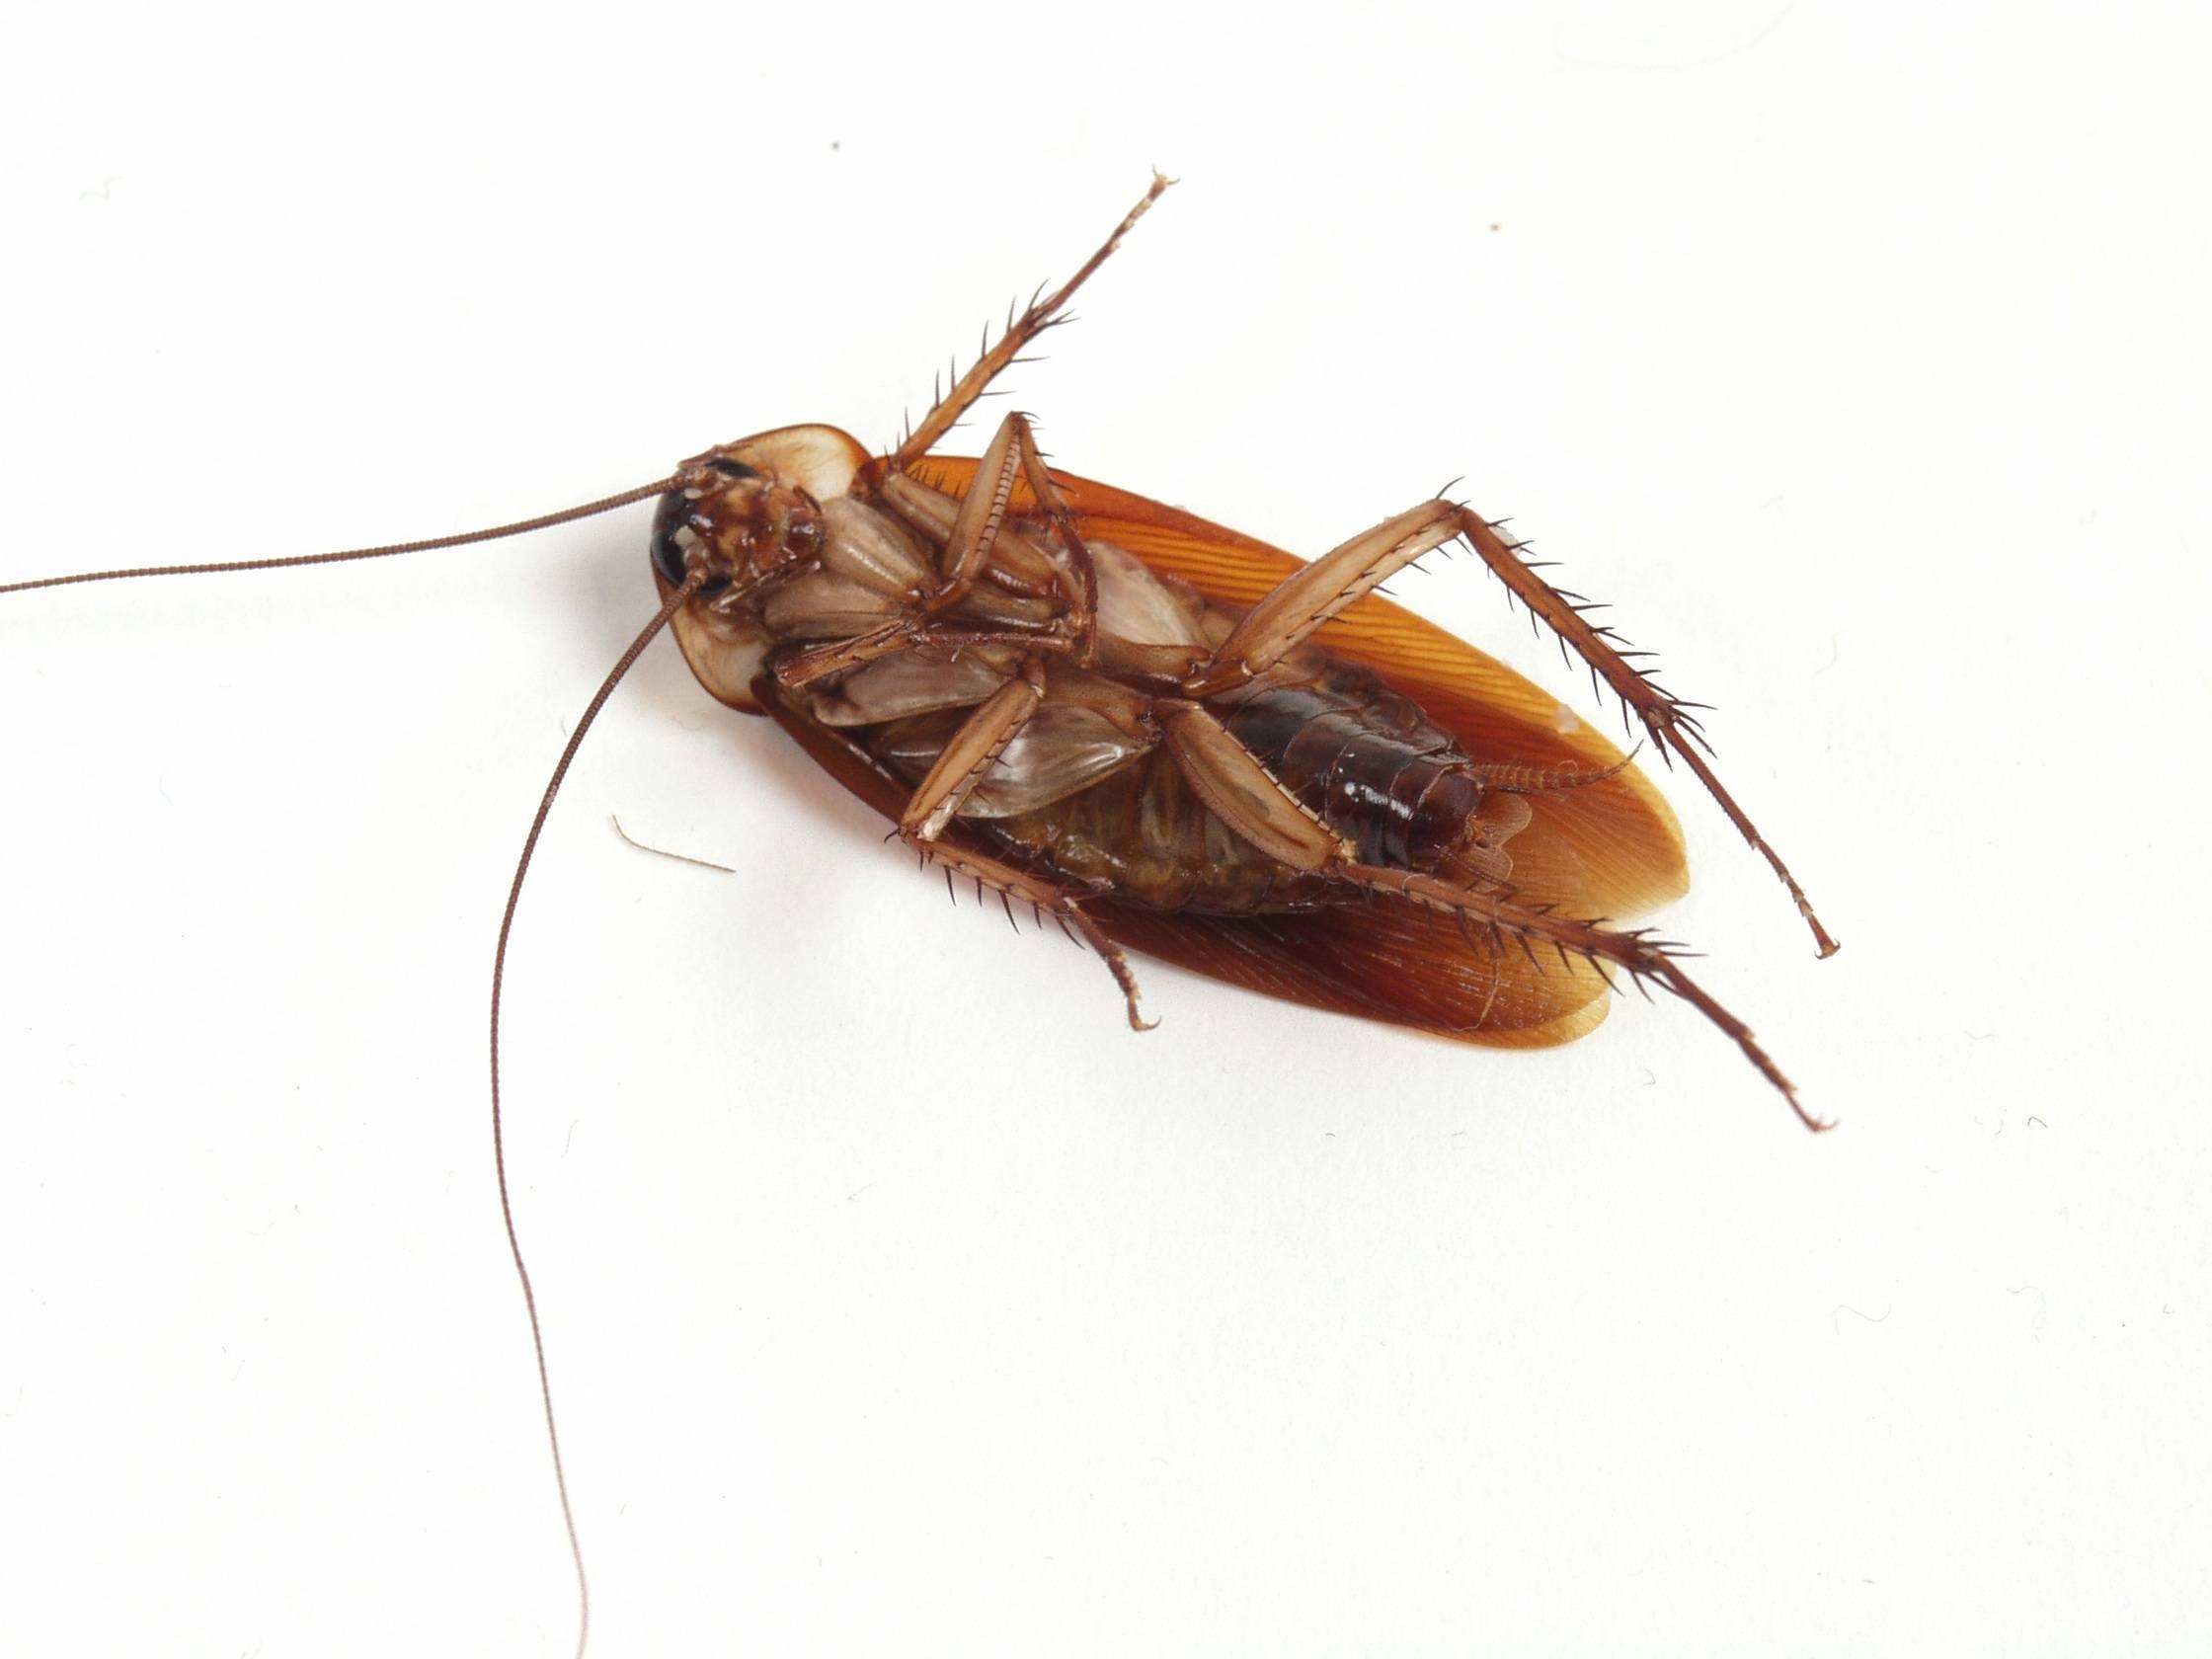 Как вытравить тараканов в квартире в домашних условиях